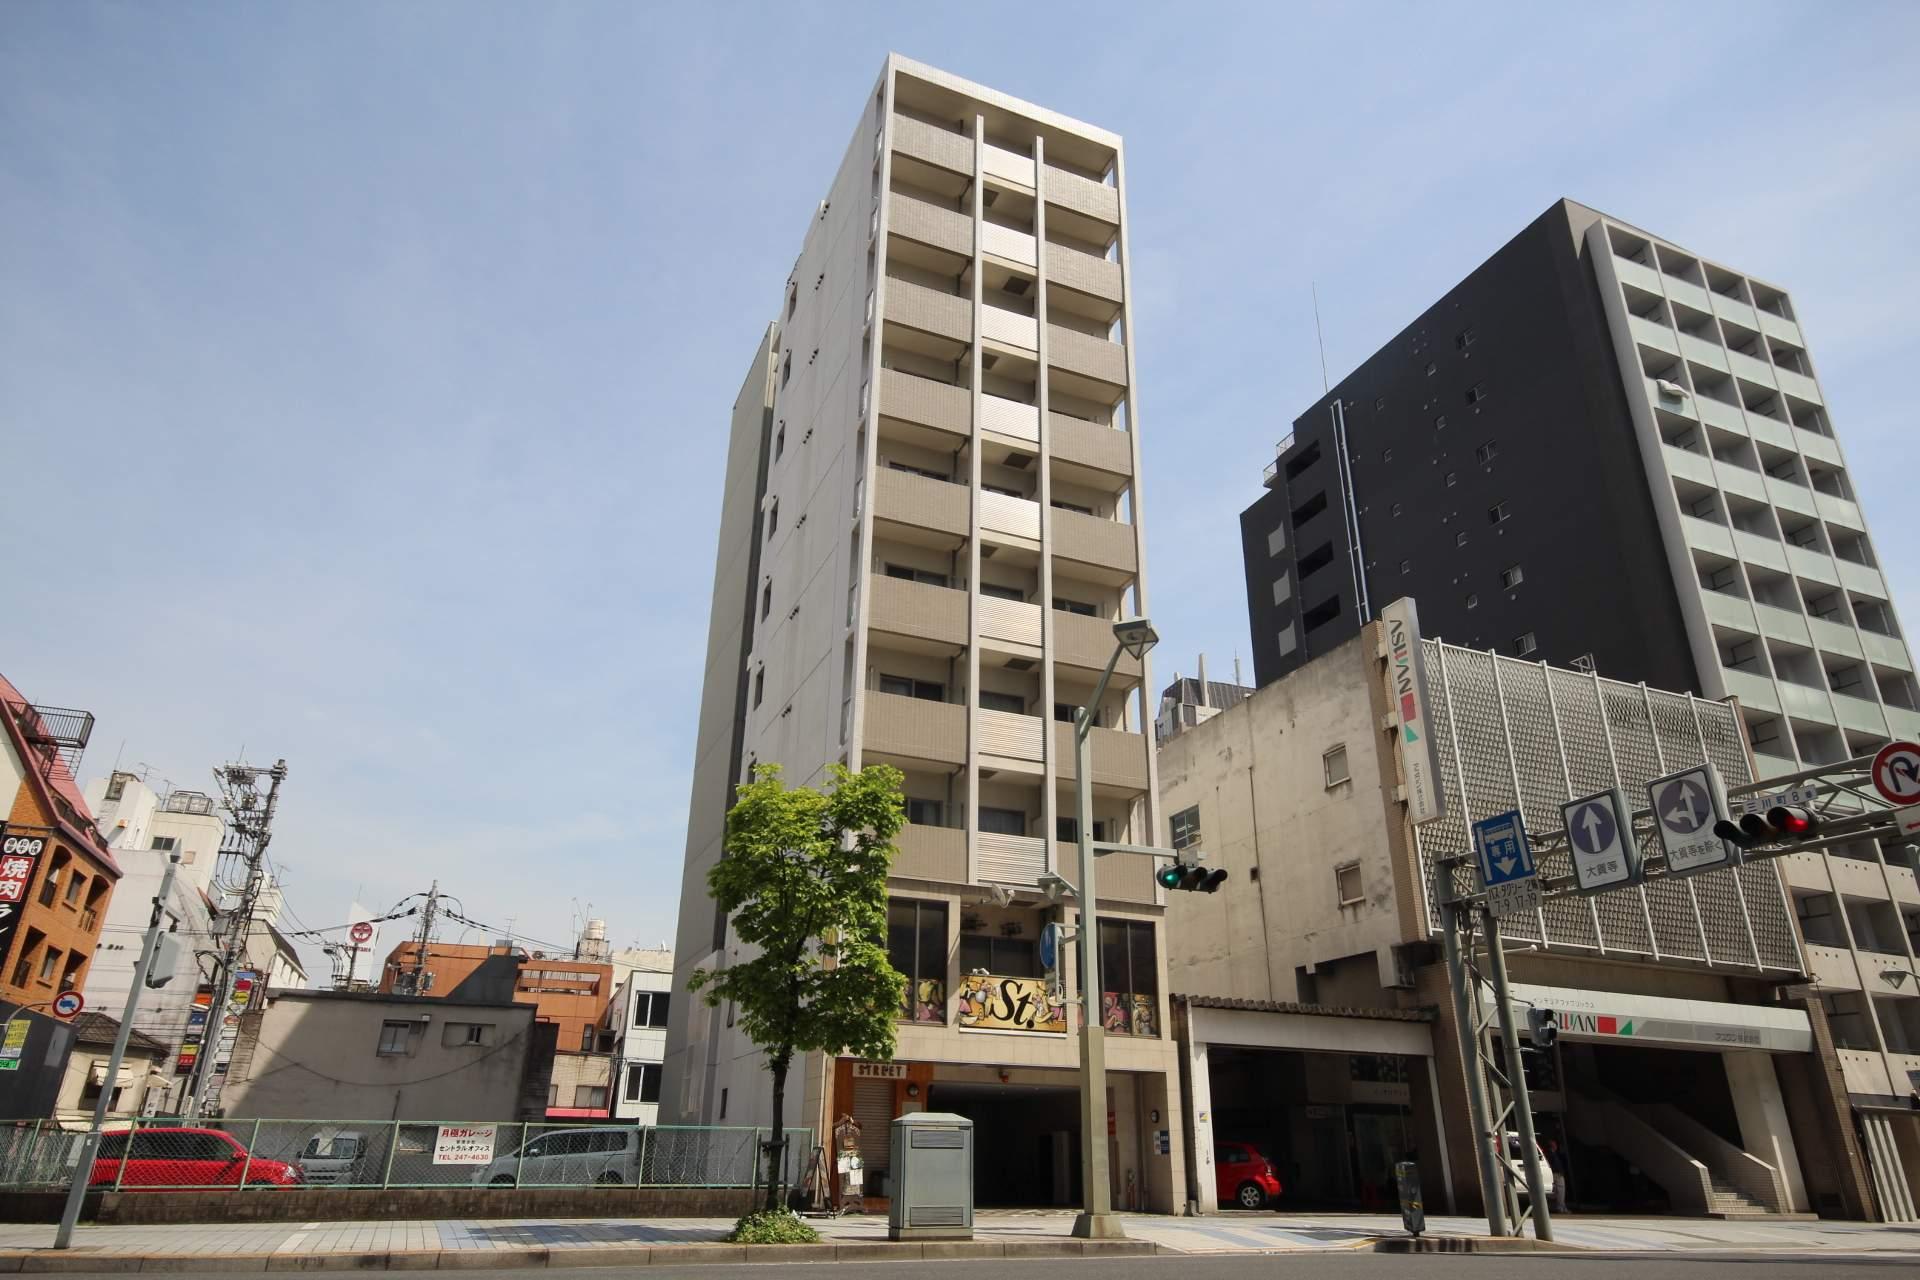 広島県広島市中区、胡町駅徒歩7分の築10年 10階建の賃貸マンション